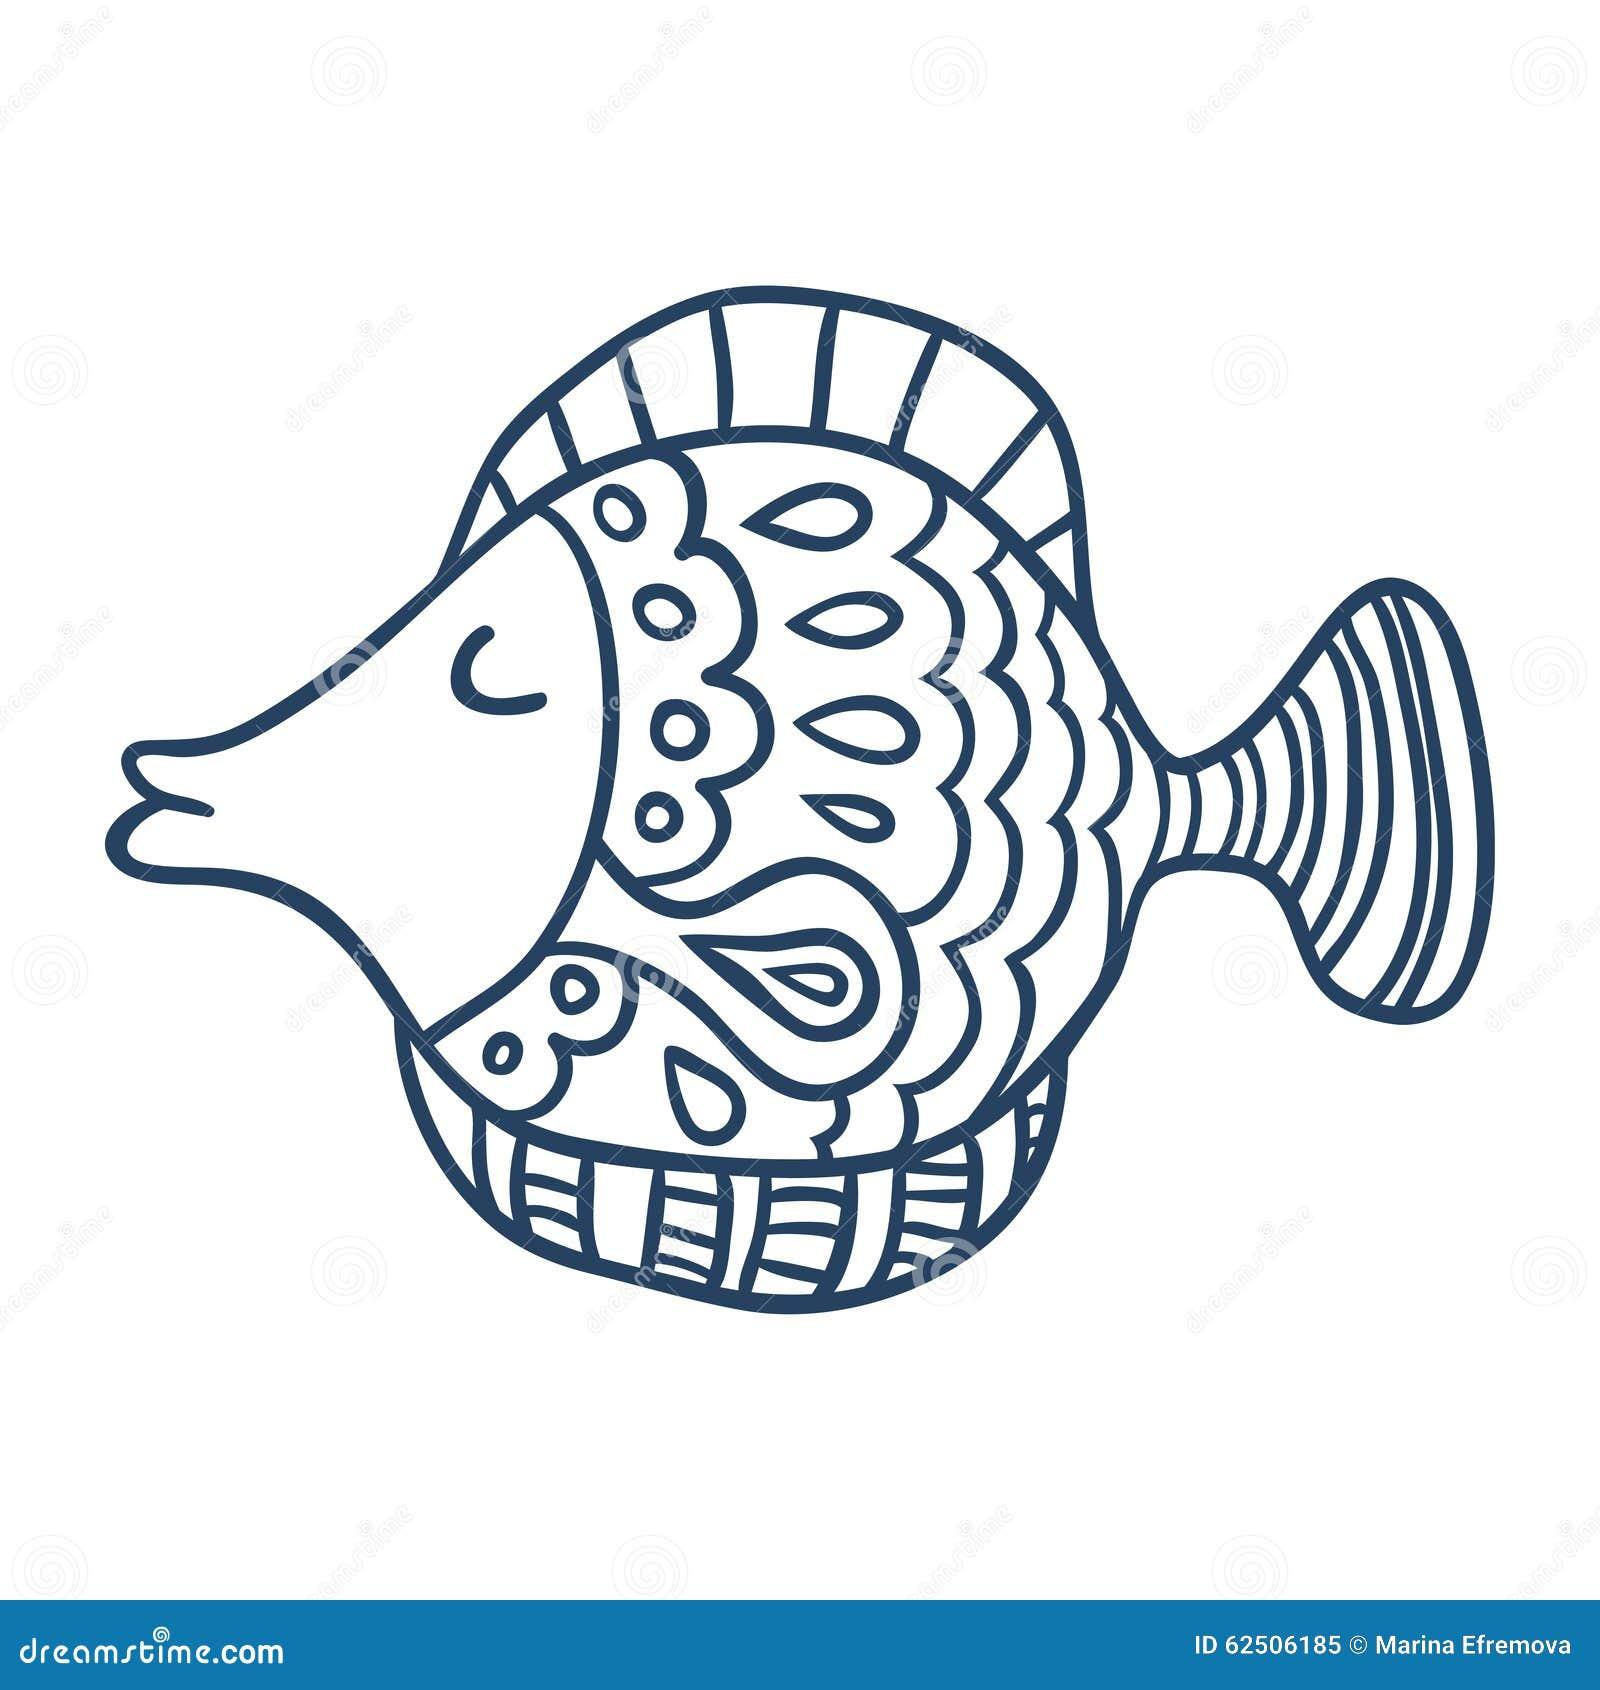 Line Art Cartoon : Cute fish cartoon line art coloring stock vector image